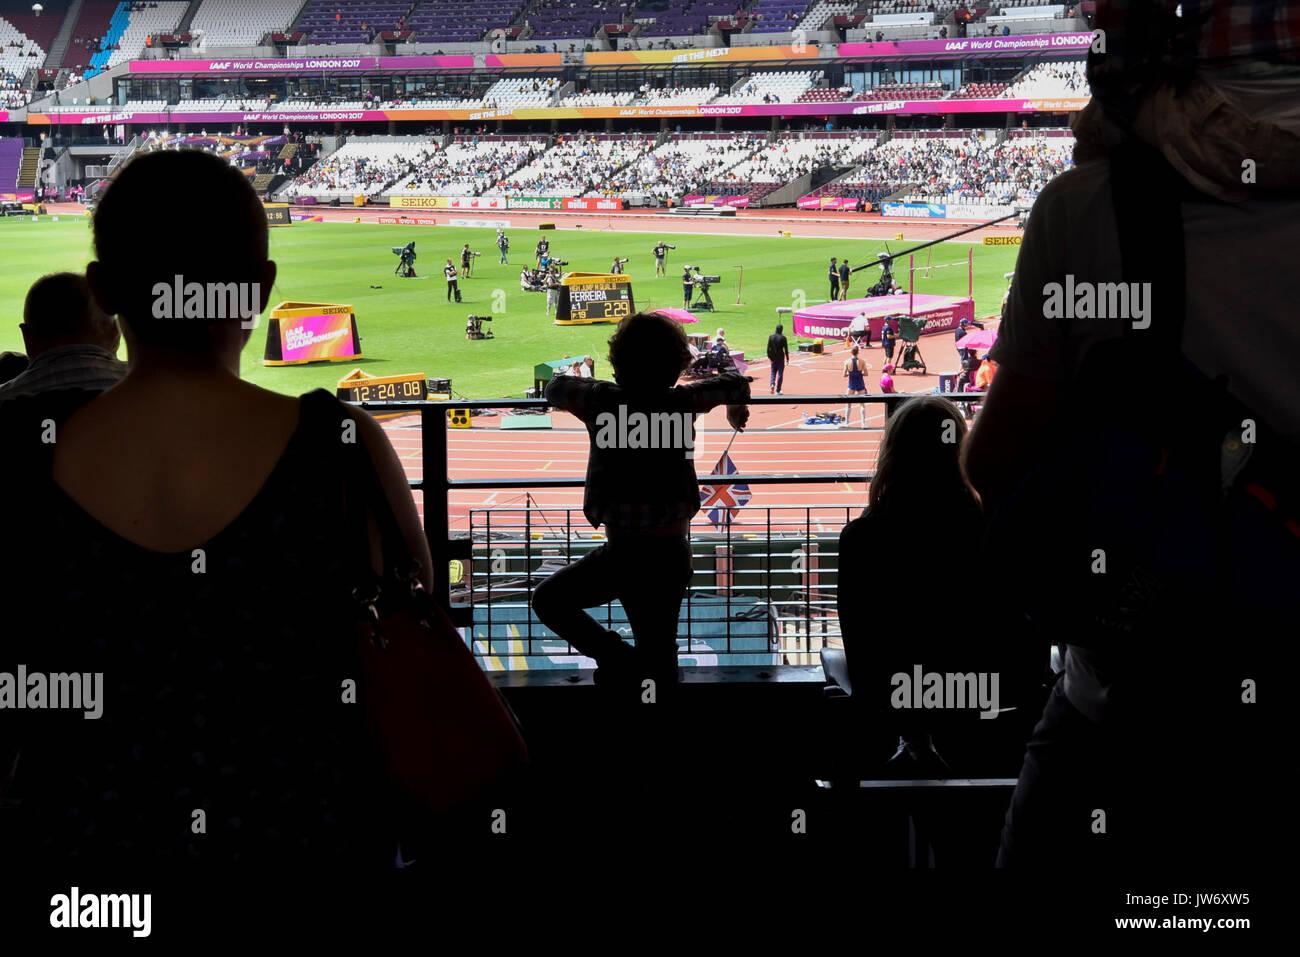 Londres, Reino Unido. 11 de Agosto de 2017. Um ventilador de jovens é visto na silhueta assistindo a qualificação Imagens de Stock